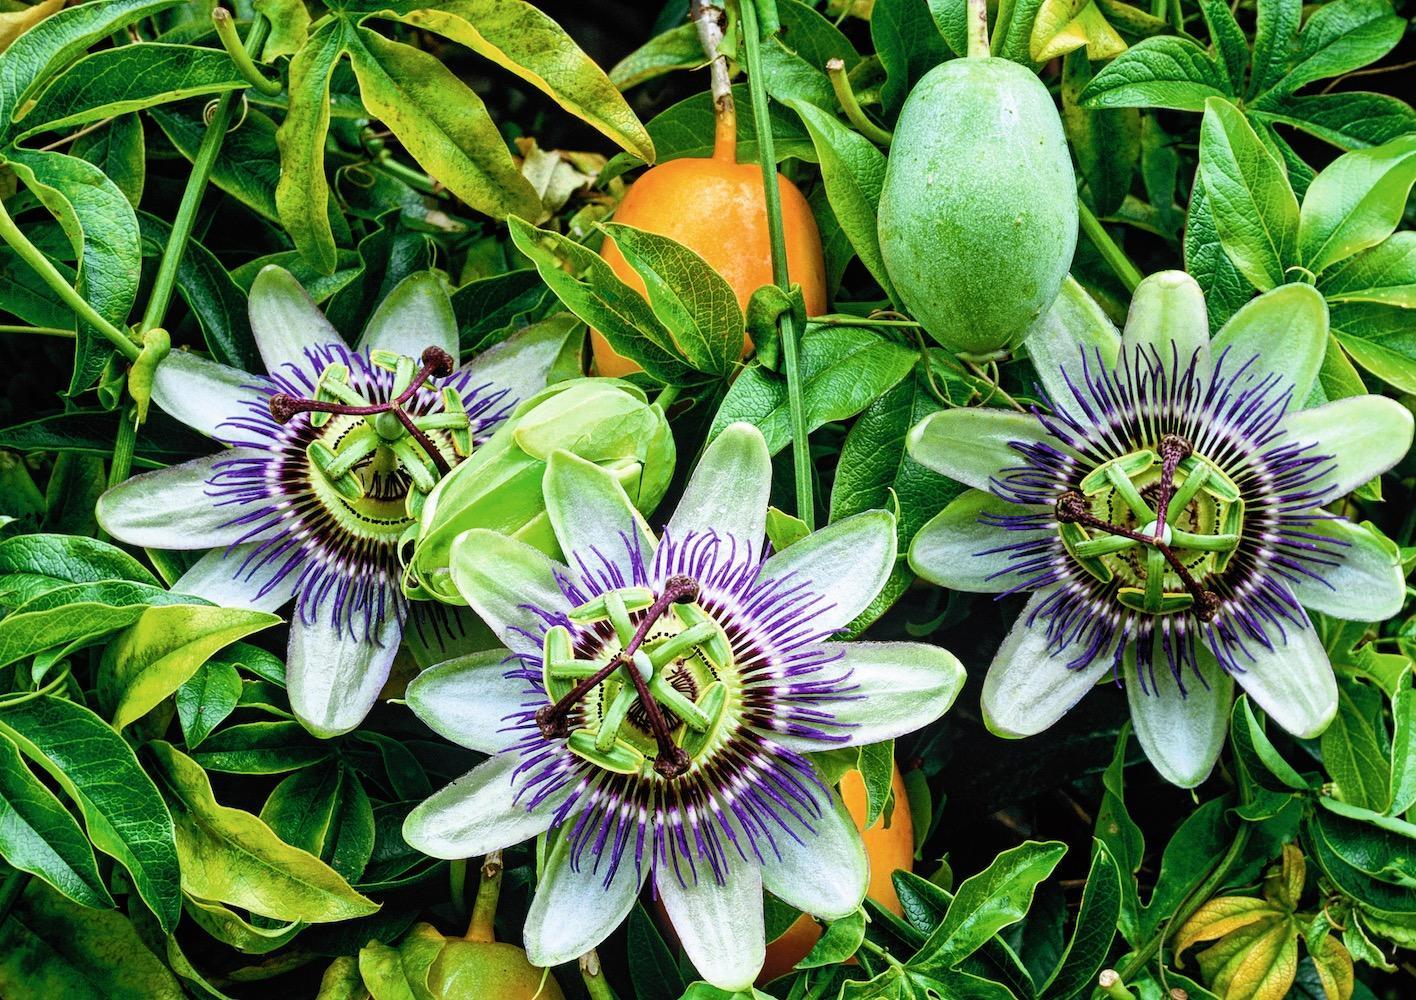 Arbre Fruitier En Pot Interieur verger exotique: les arbres fruitiers à cultiver dans votre